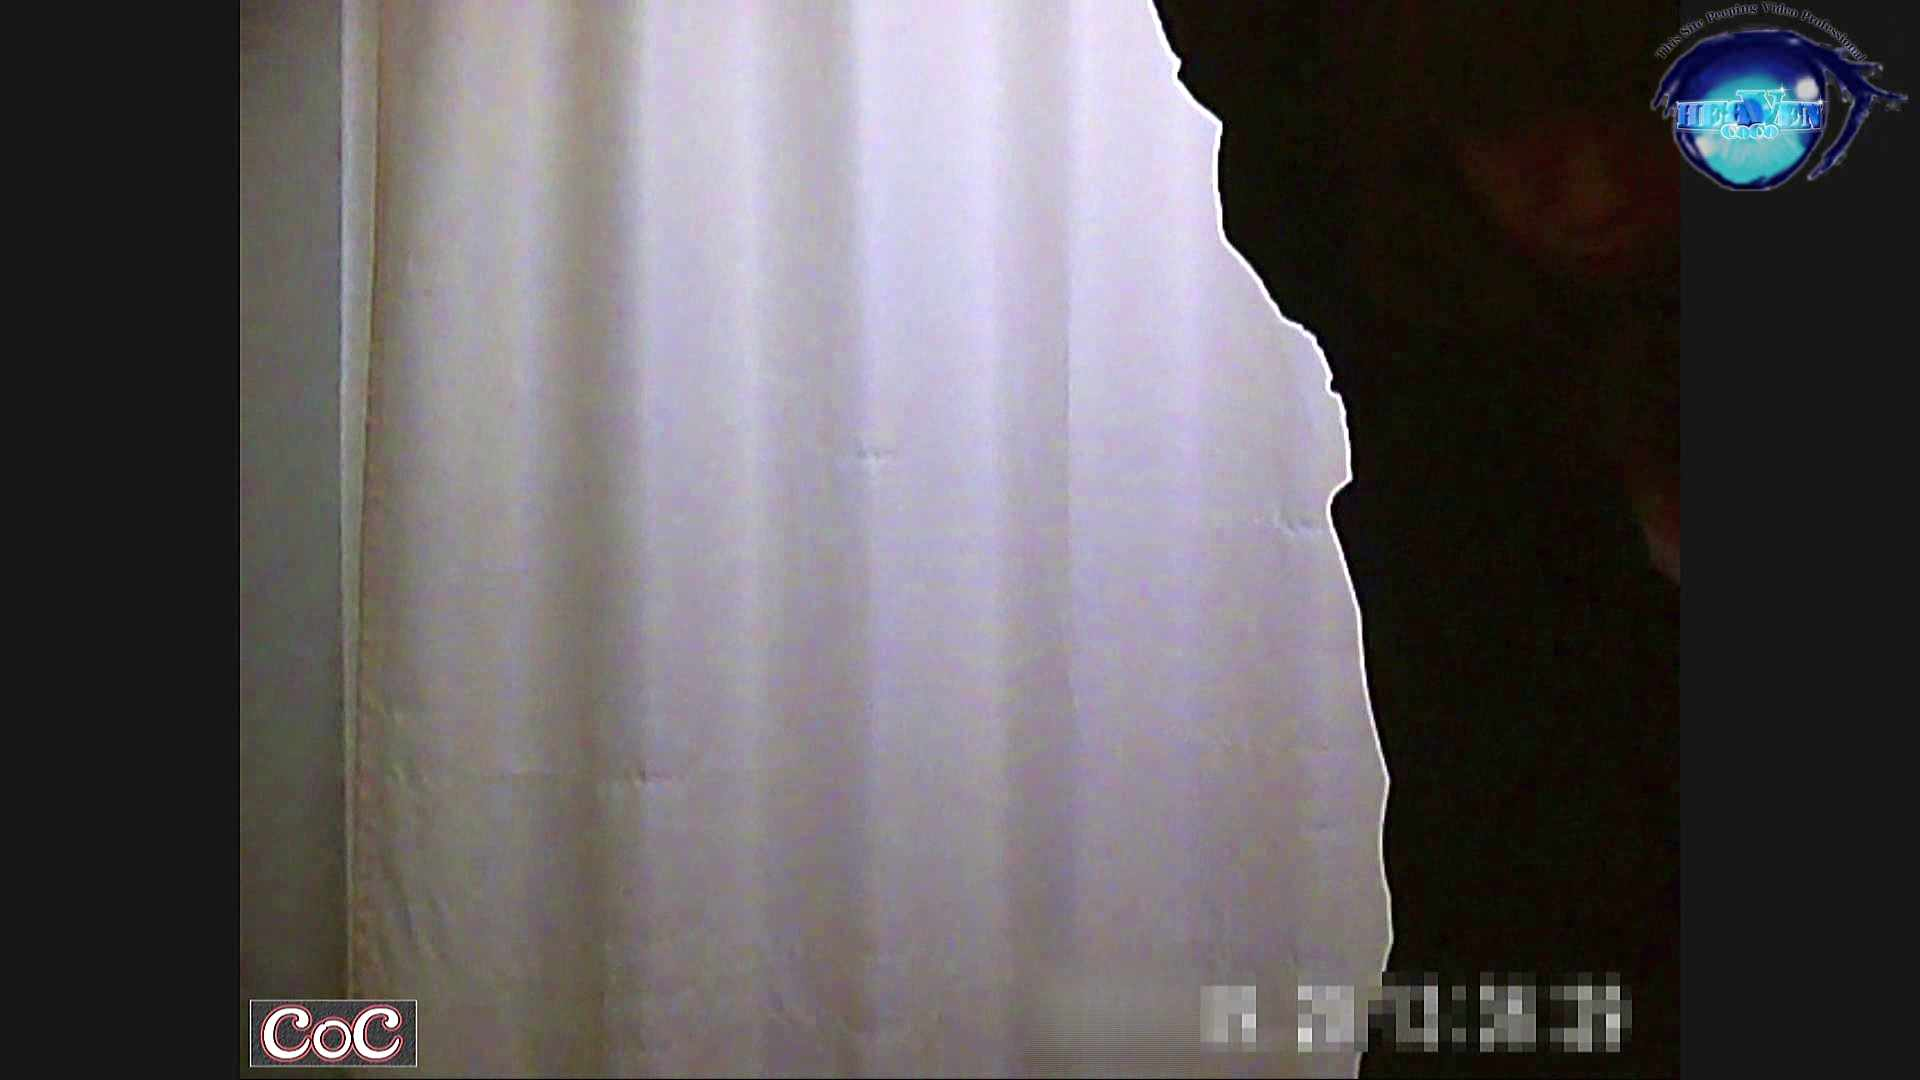 激ヤバ健康診断!着替えの一部始終.vol.29 ※本編ボカシ・目線無し ギャルエロ画像 AV動画キャプチャ 49PICs 45